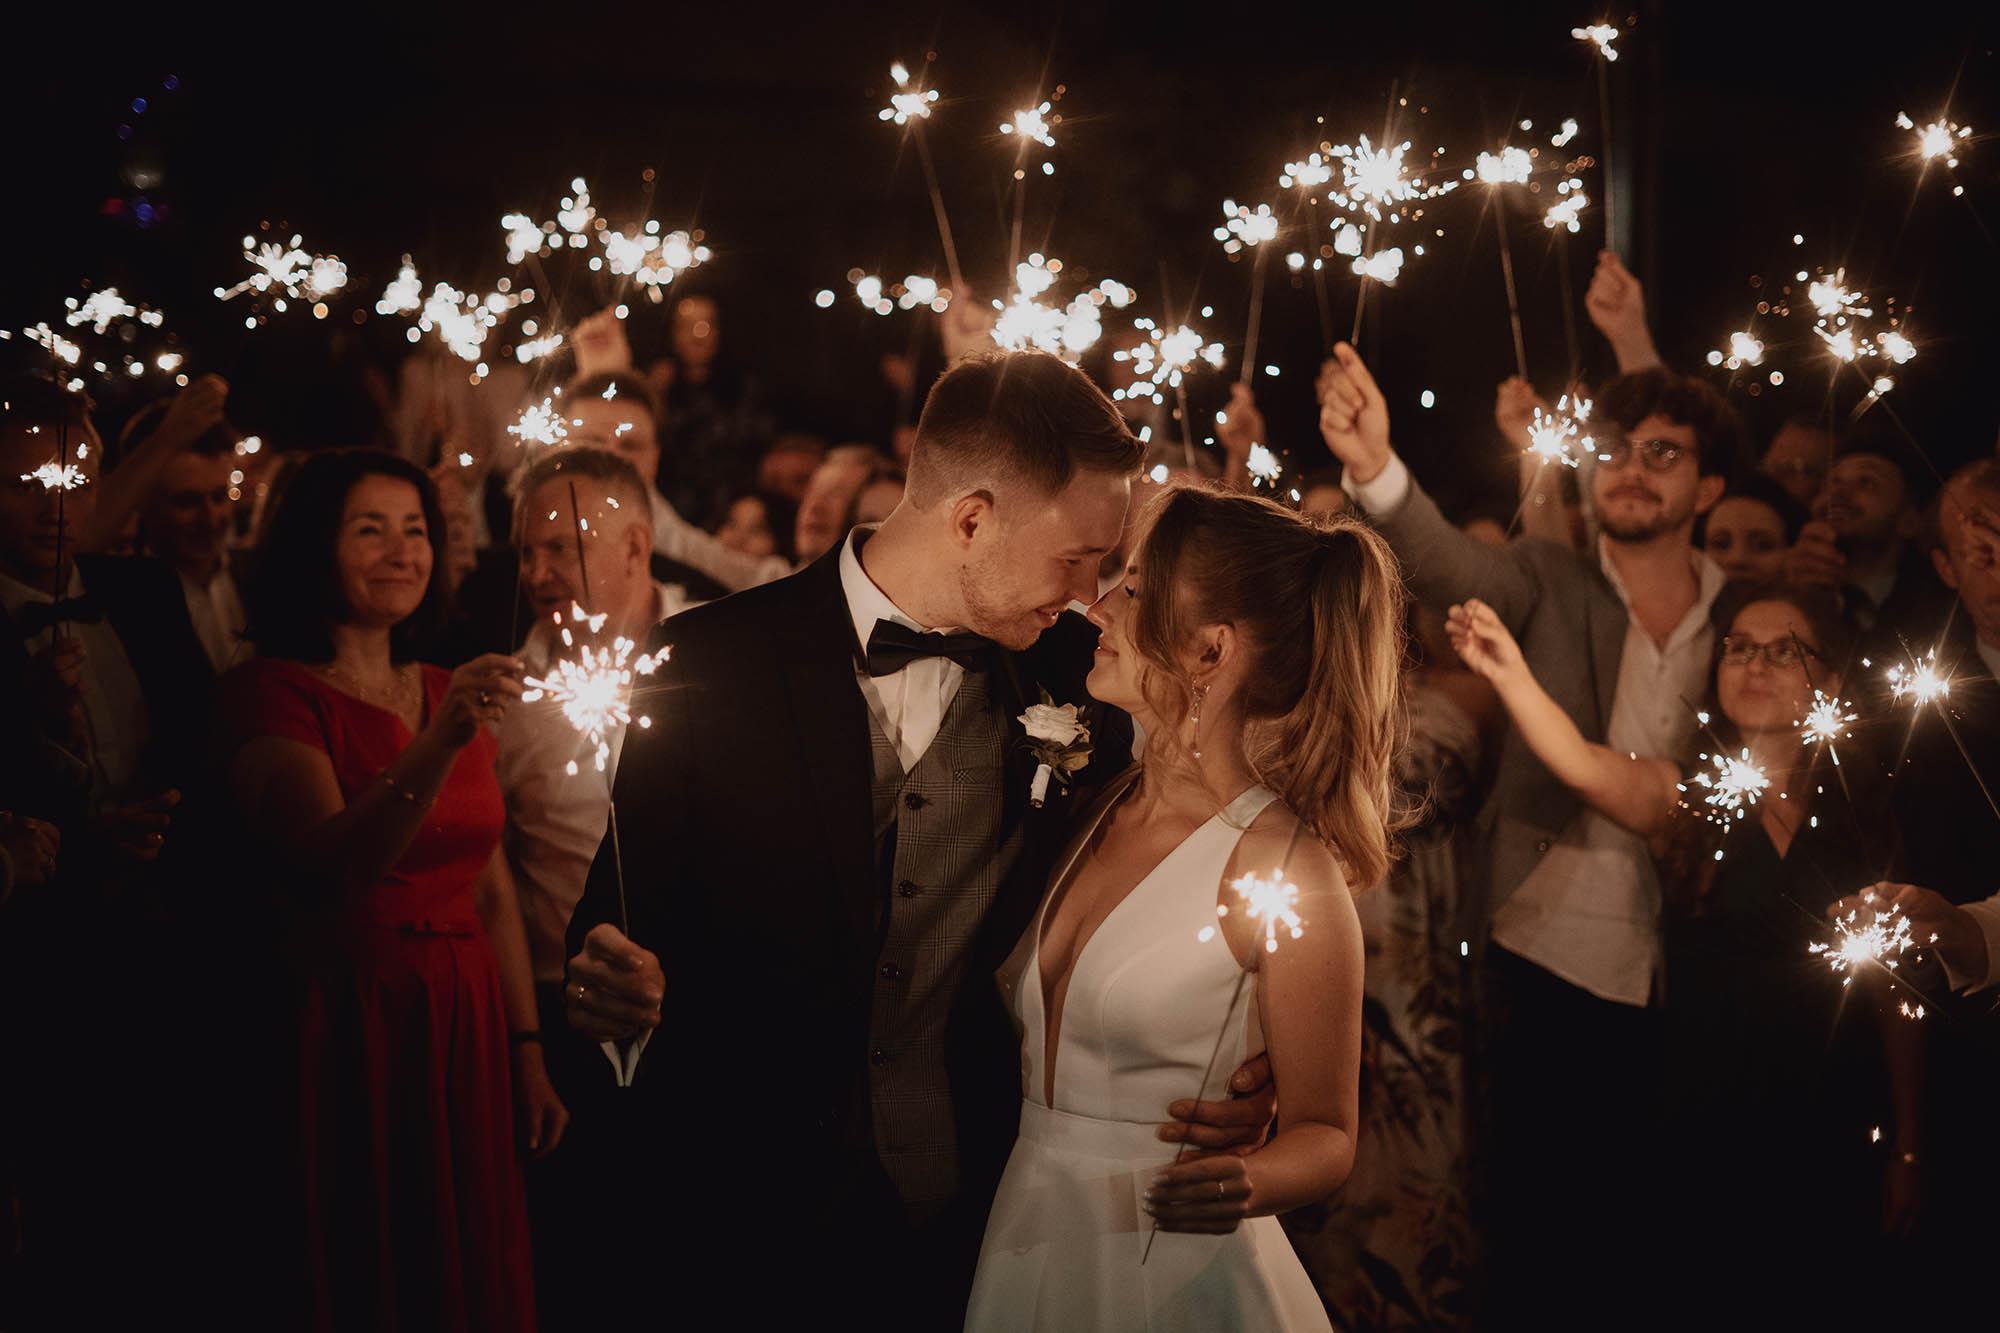 swiatlo na weselu 3 - Światło na weselu - 5 kroków, by stworzyć wyjątkowy klimat